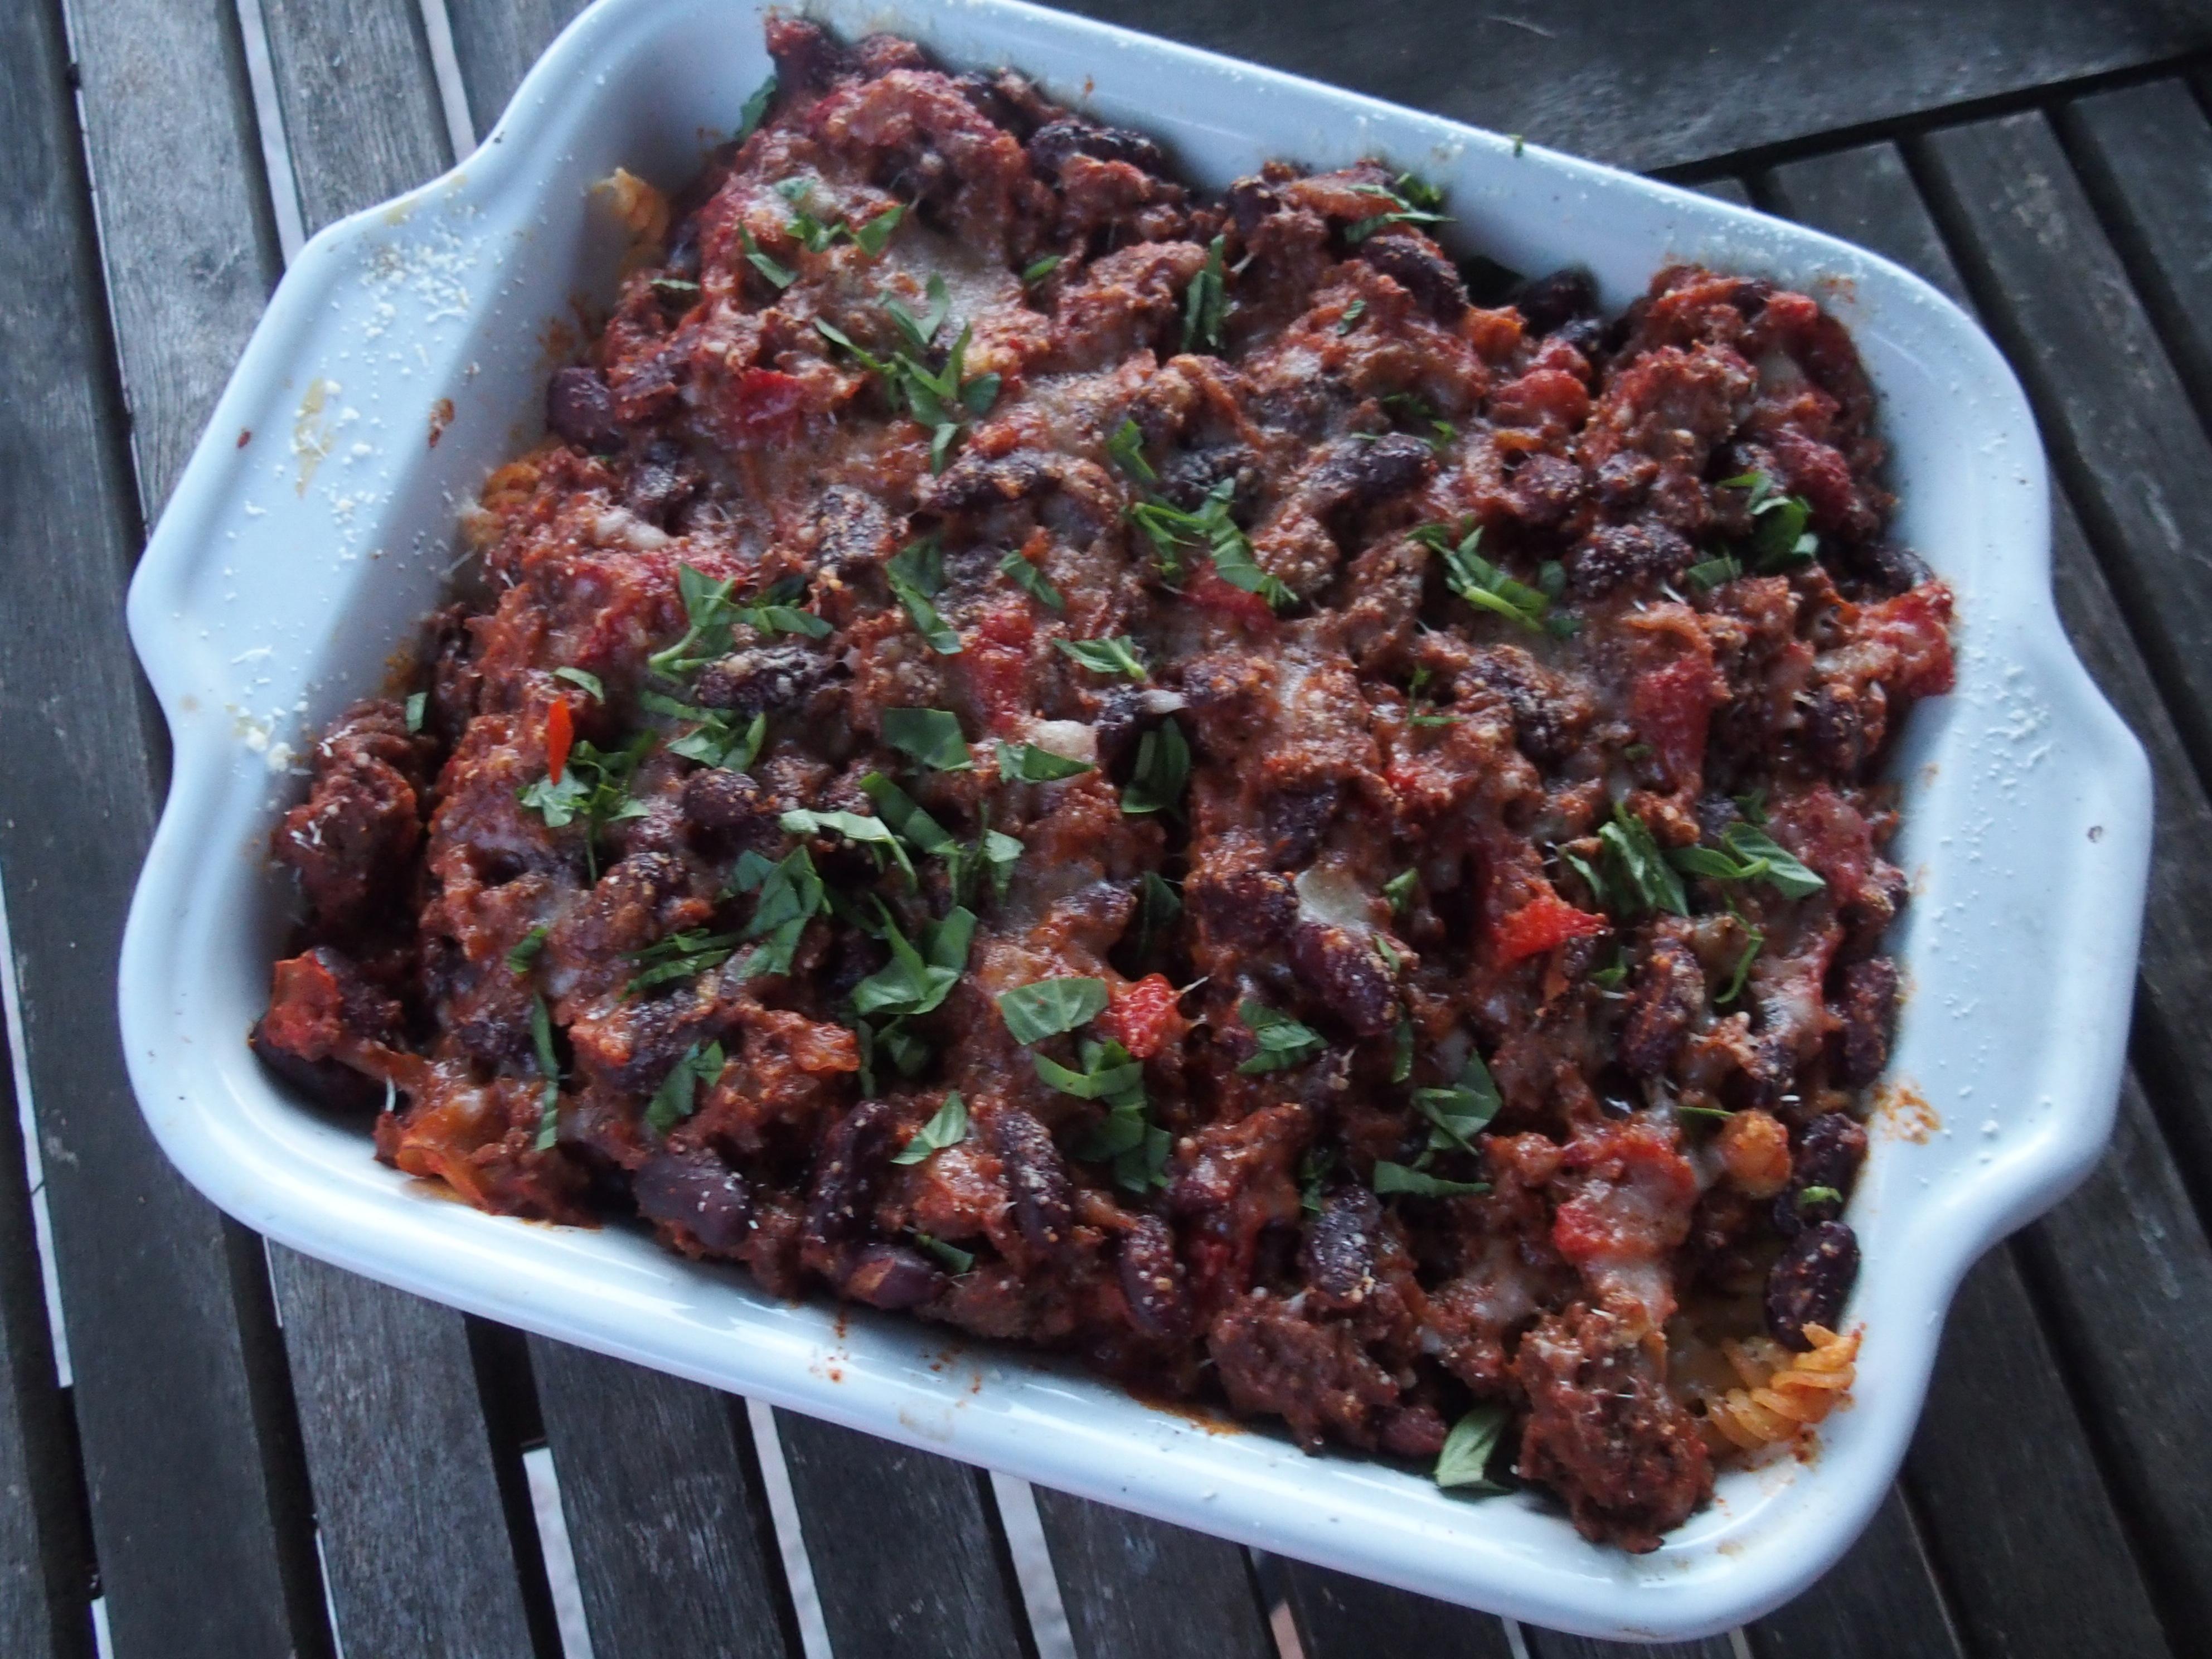 recette gratin fusilli chilic con carne